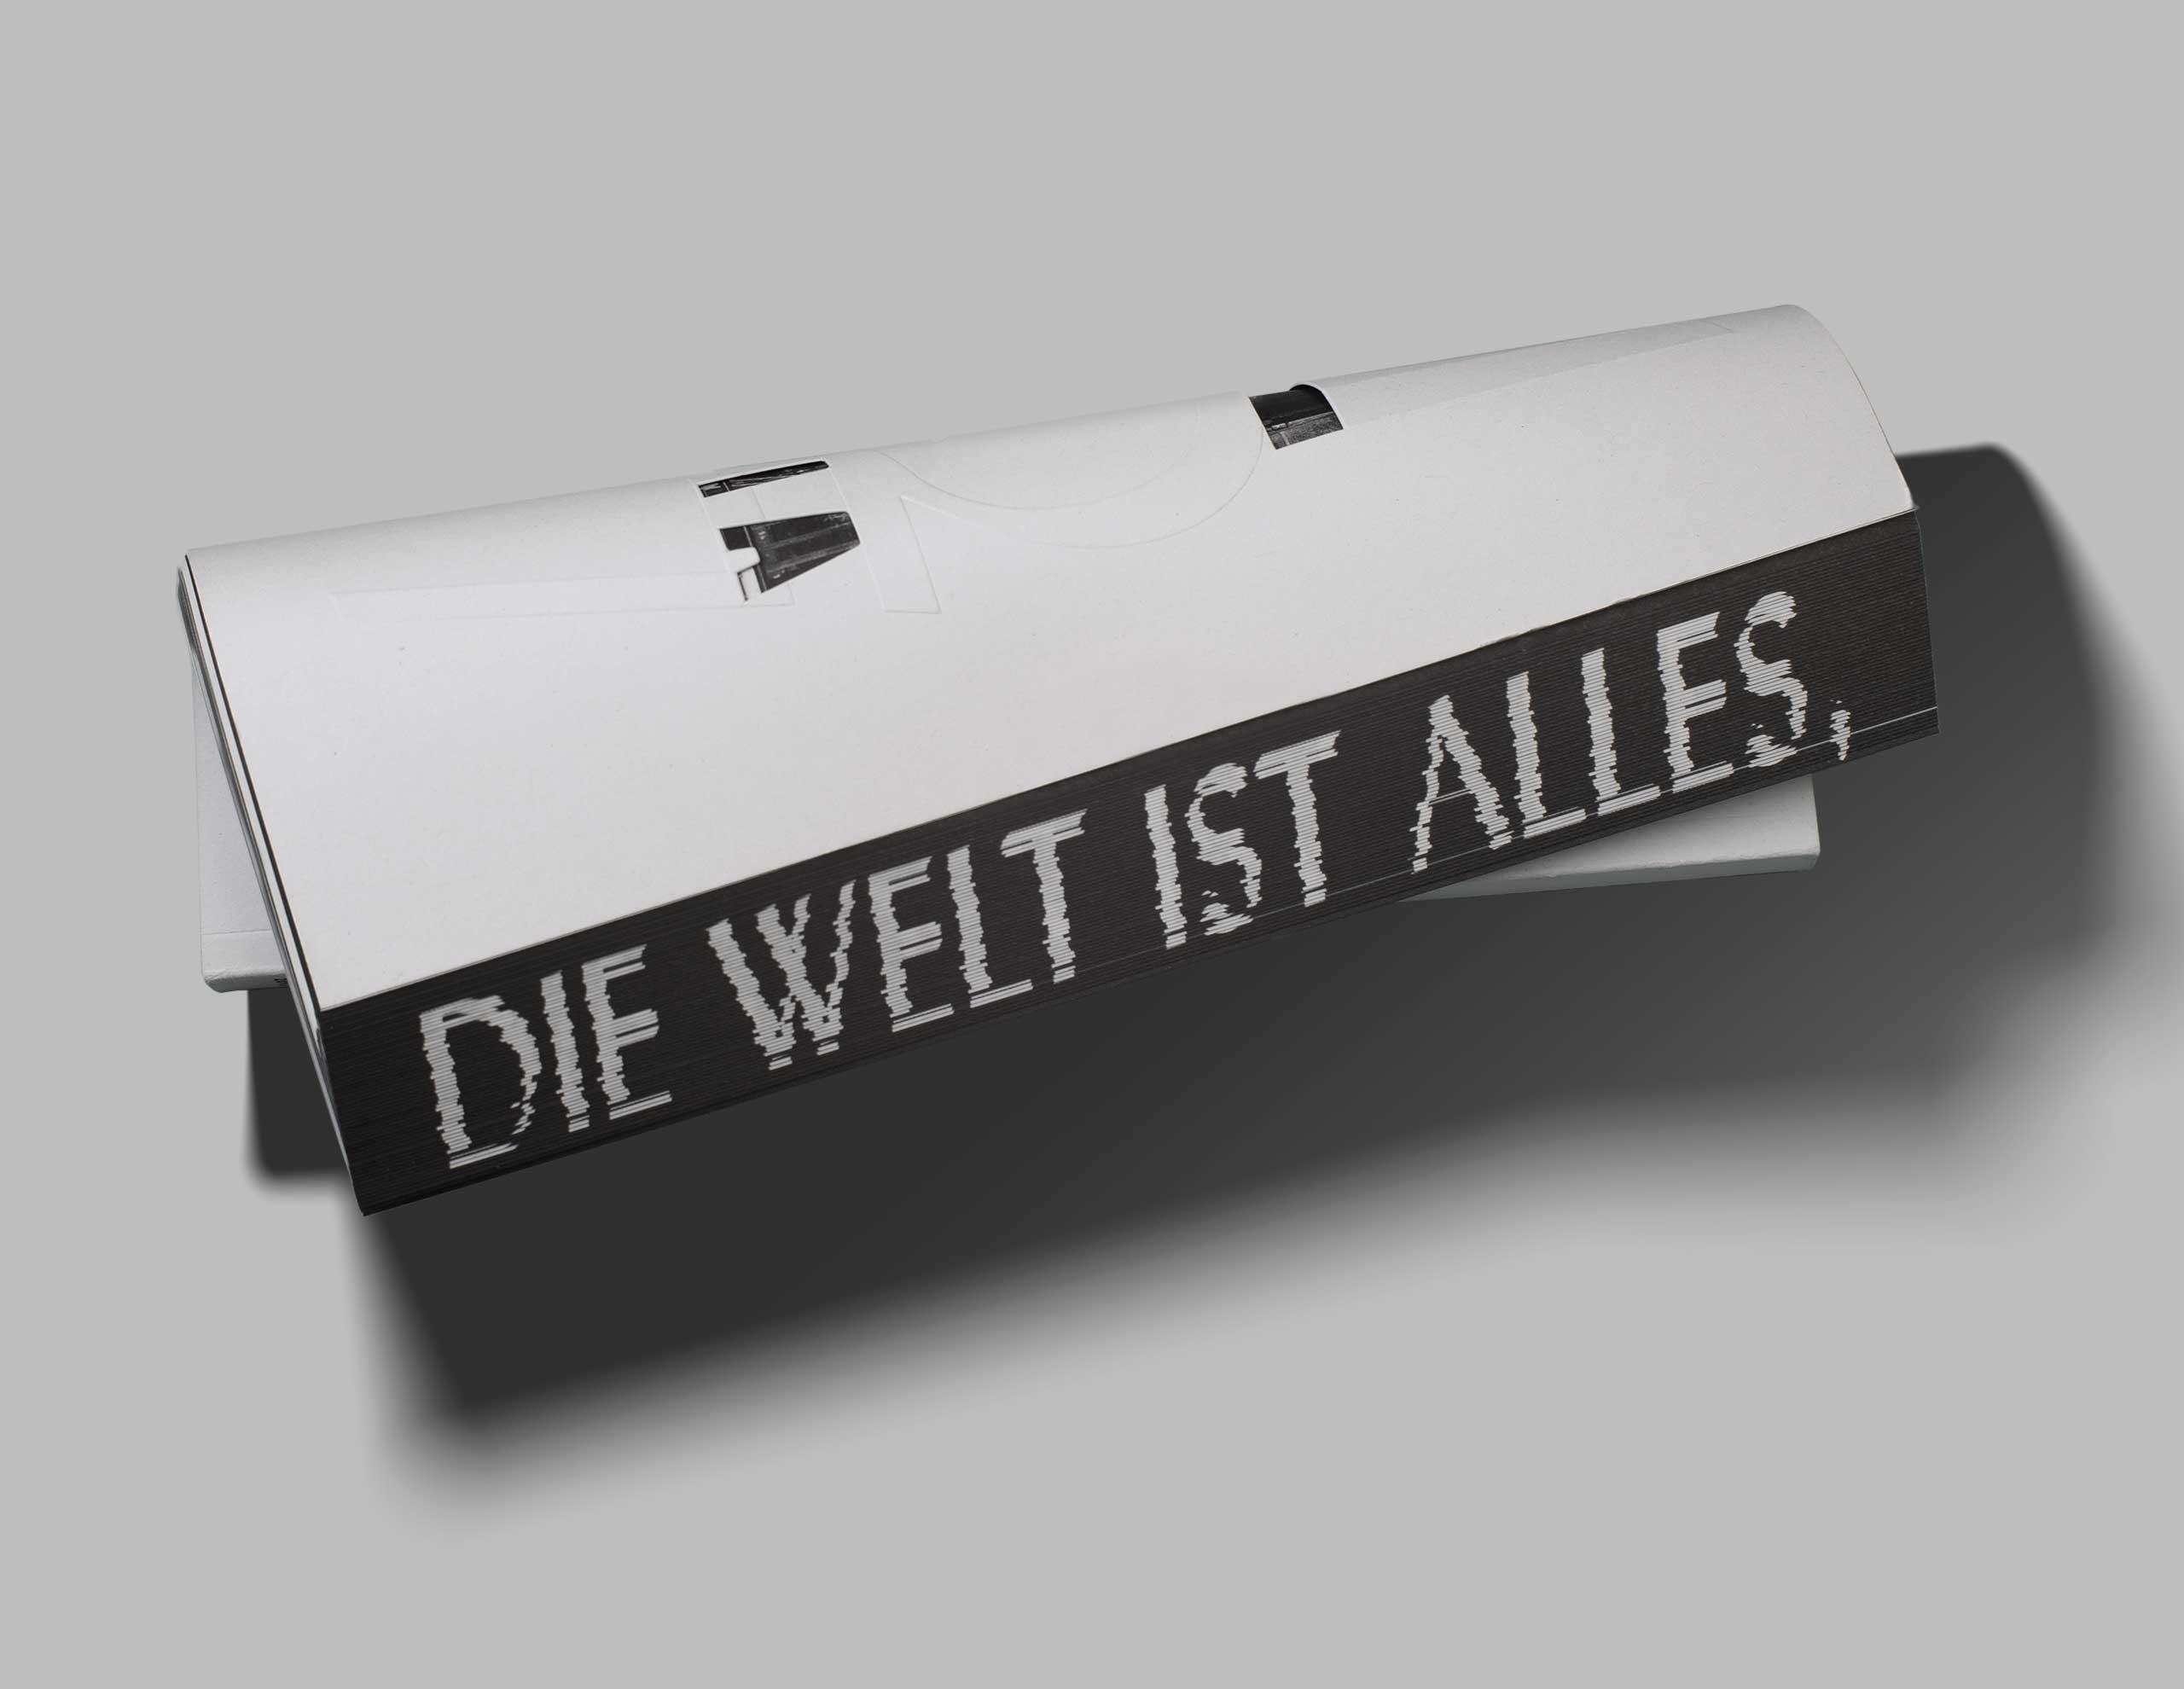 200311_1617_SZH_Die-WeltIstAlles_DSC06498